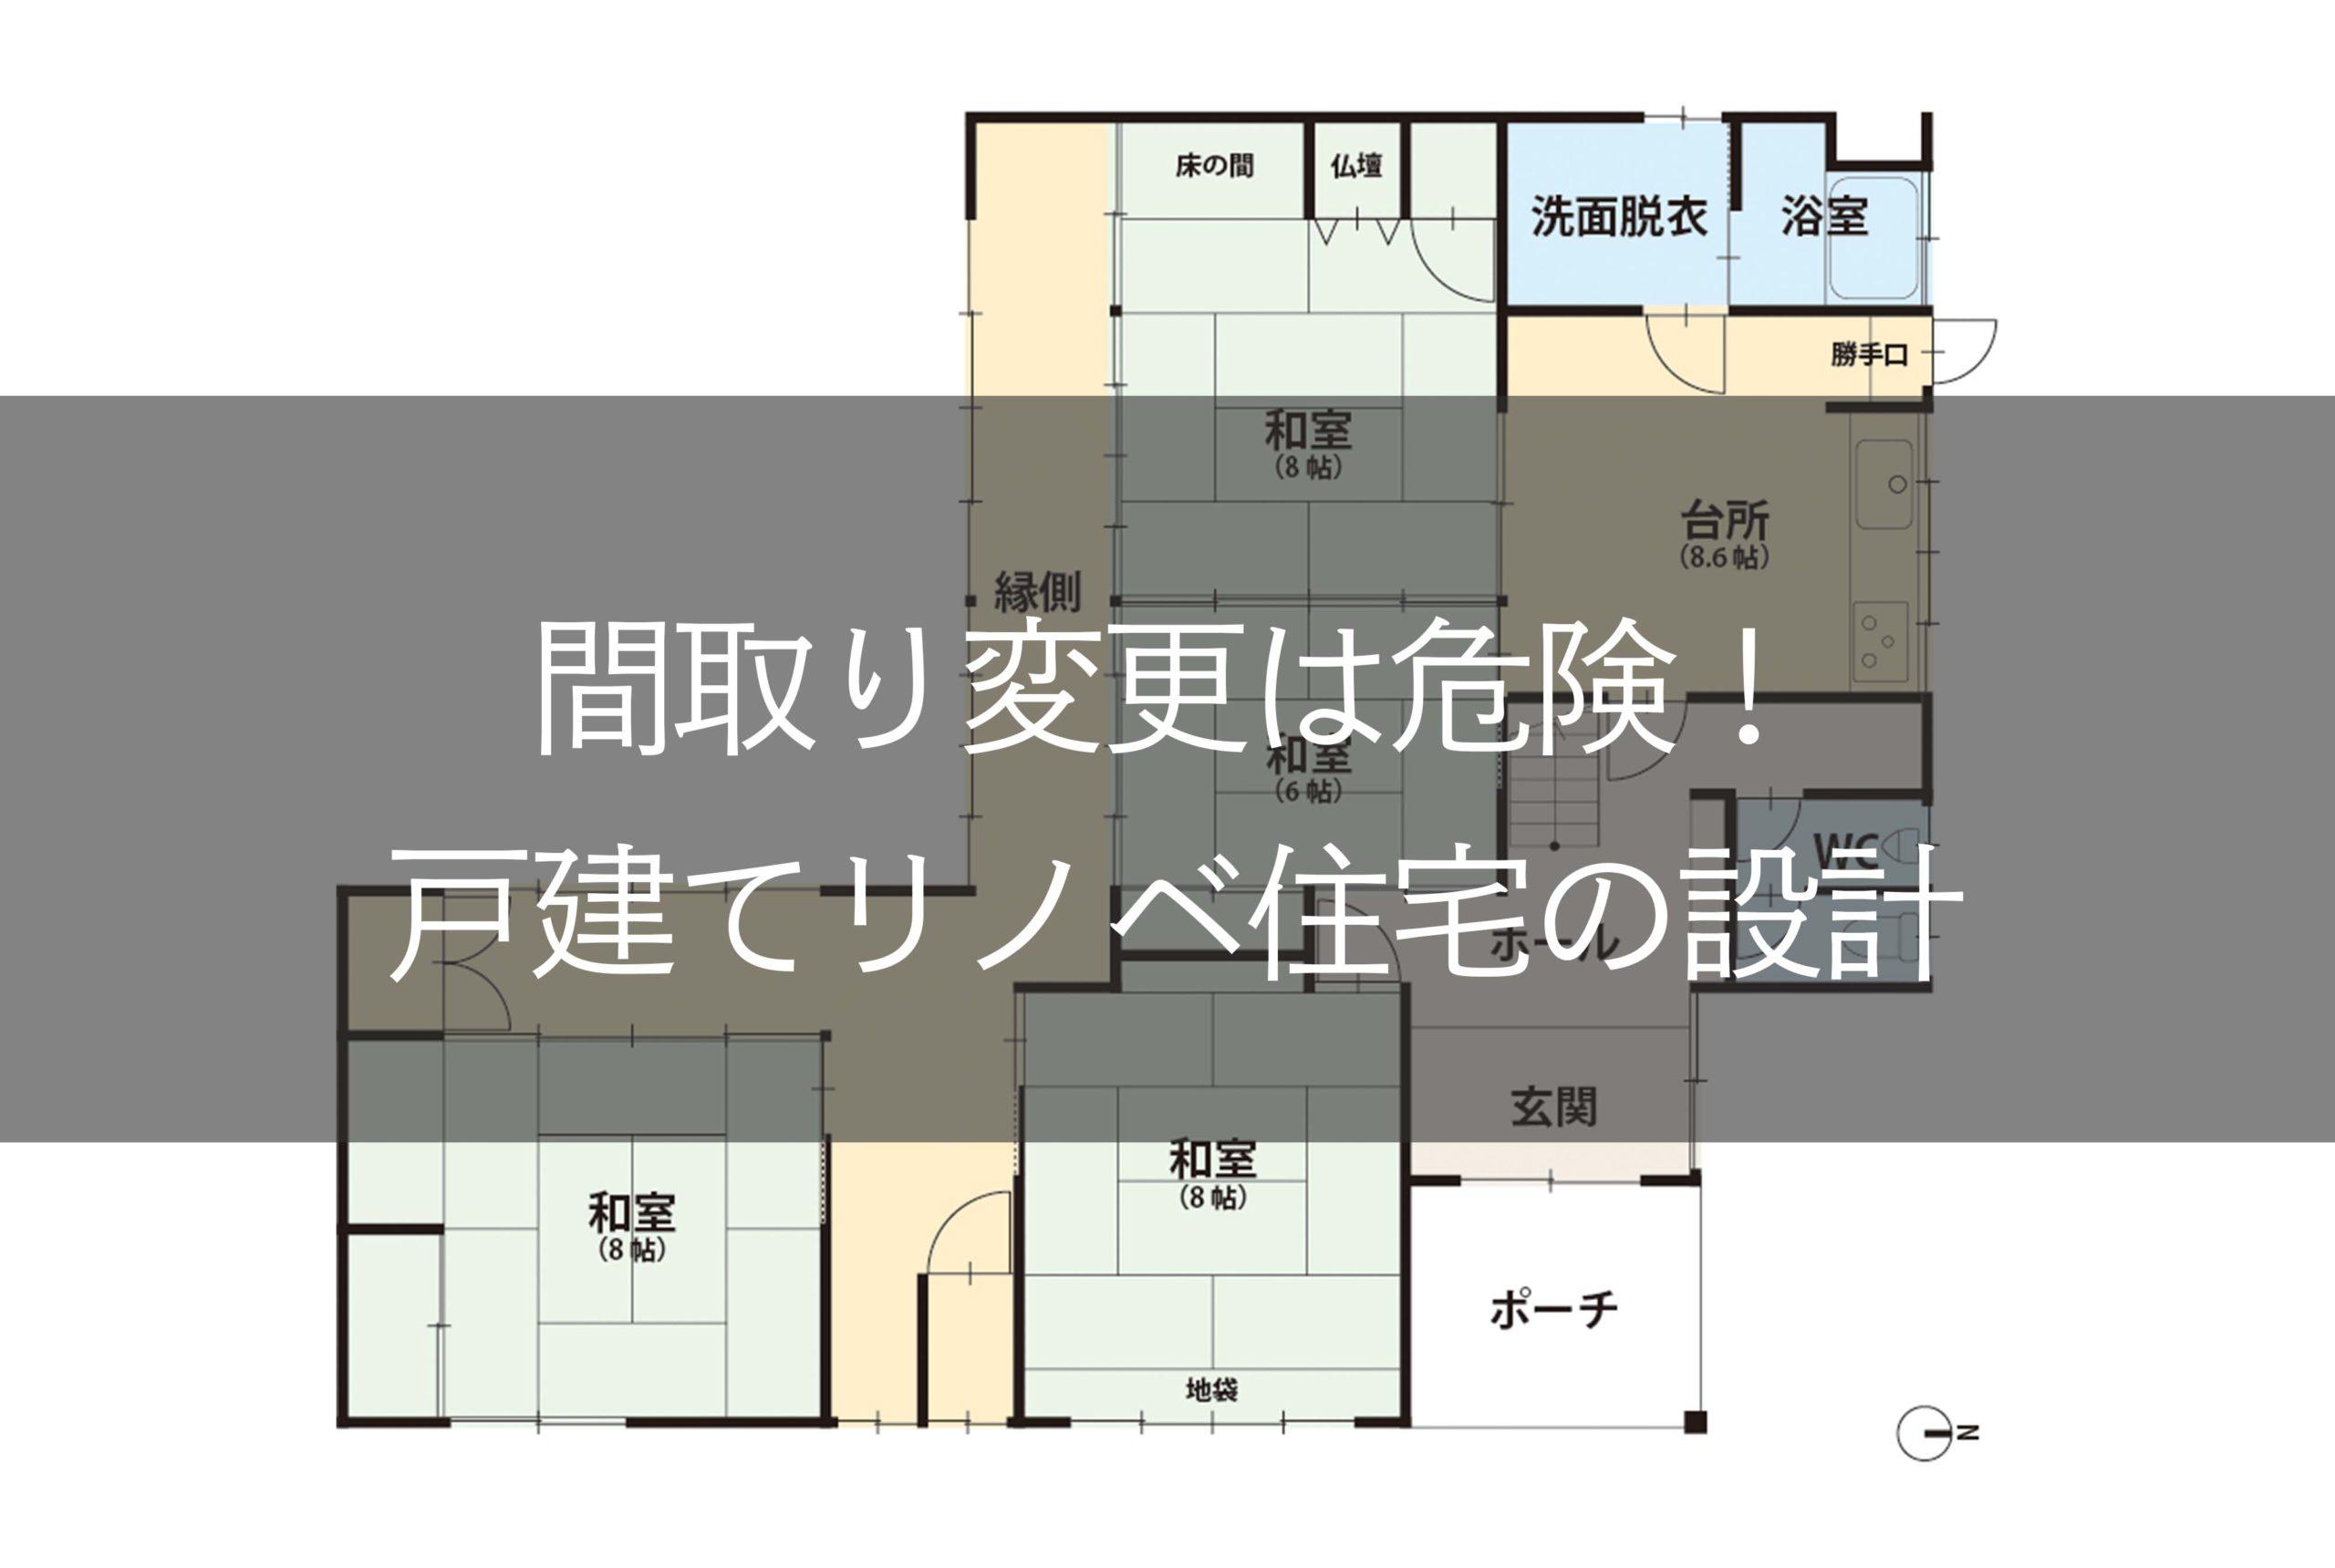 間取り変更は危険!戸建てリノベ住宅の設計